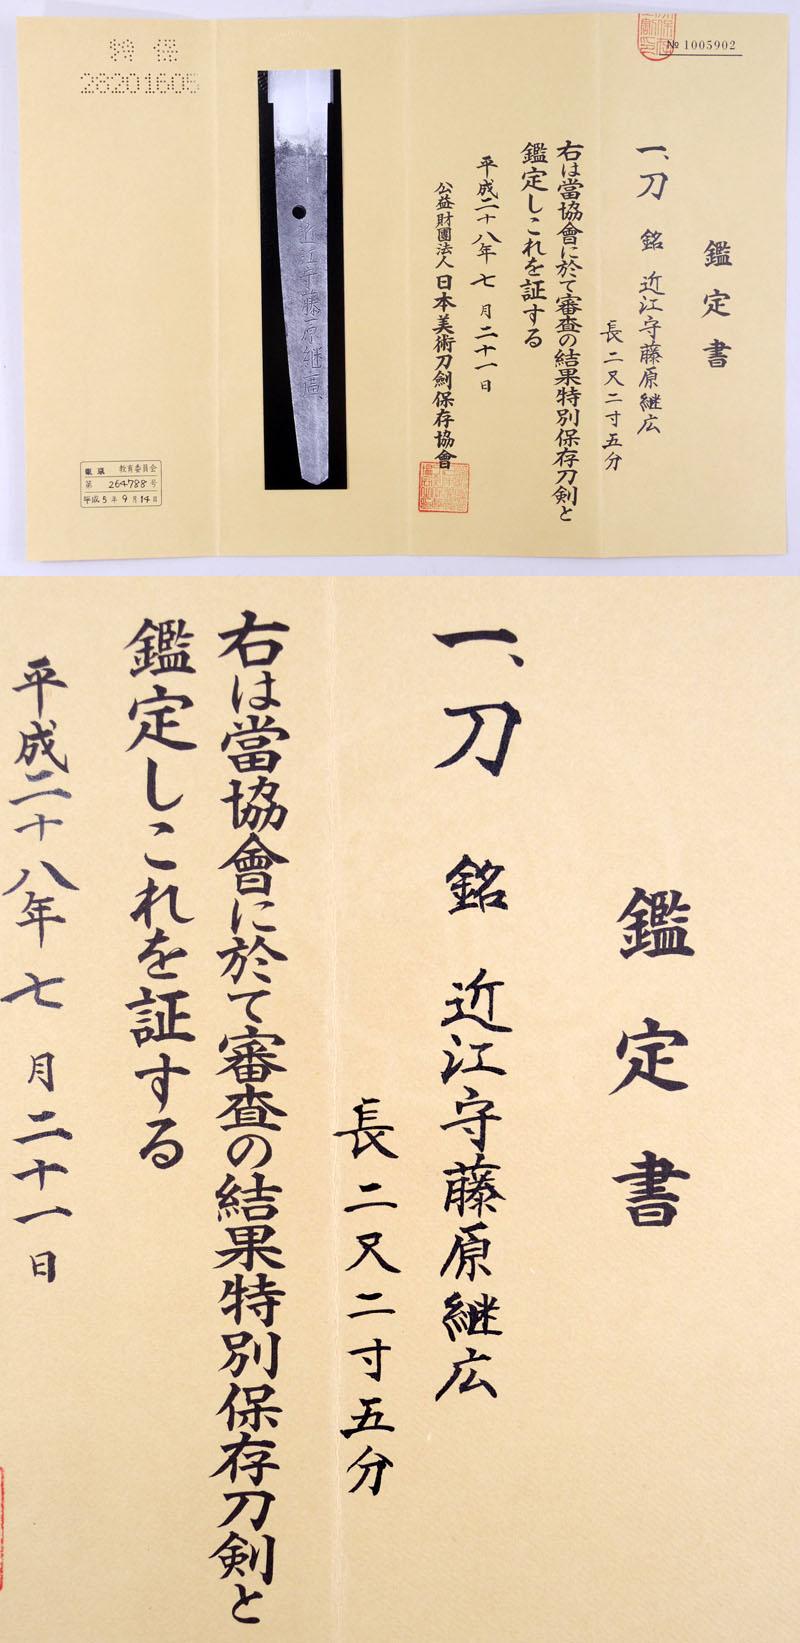 近江守藤原継広 Picture of Certificate